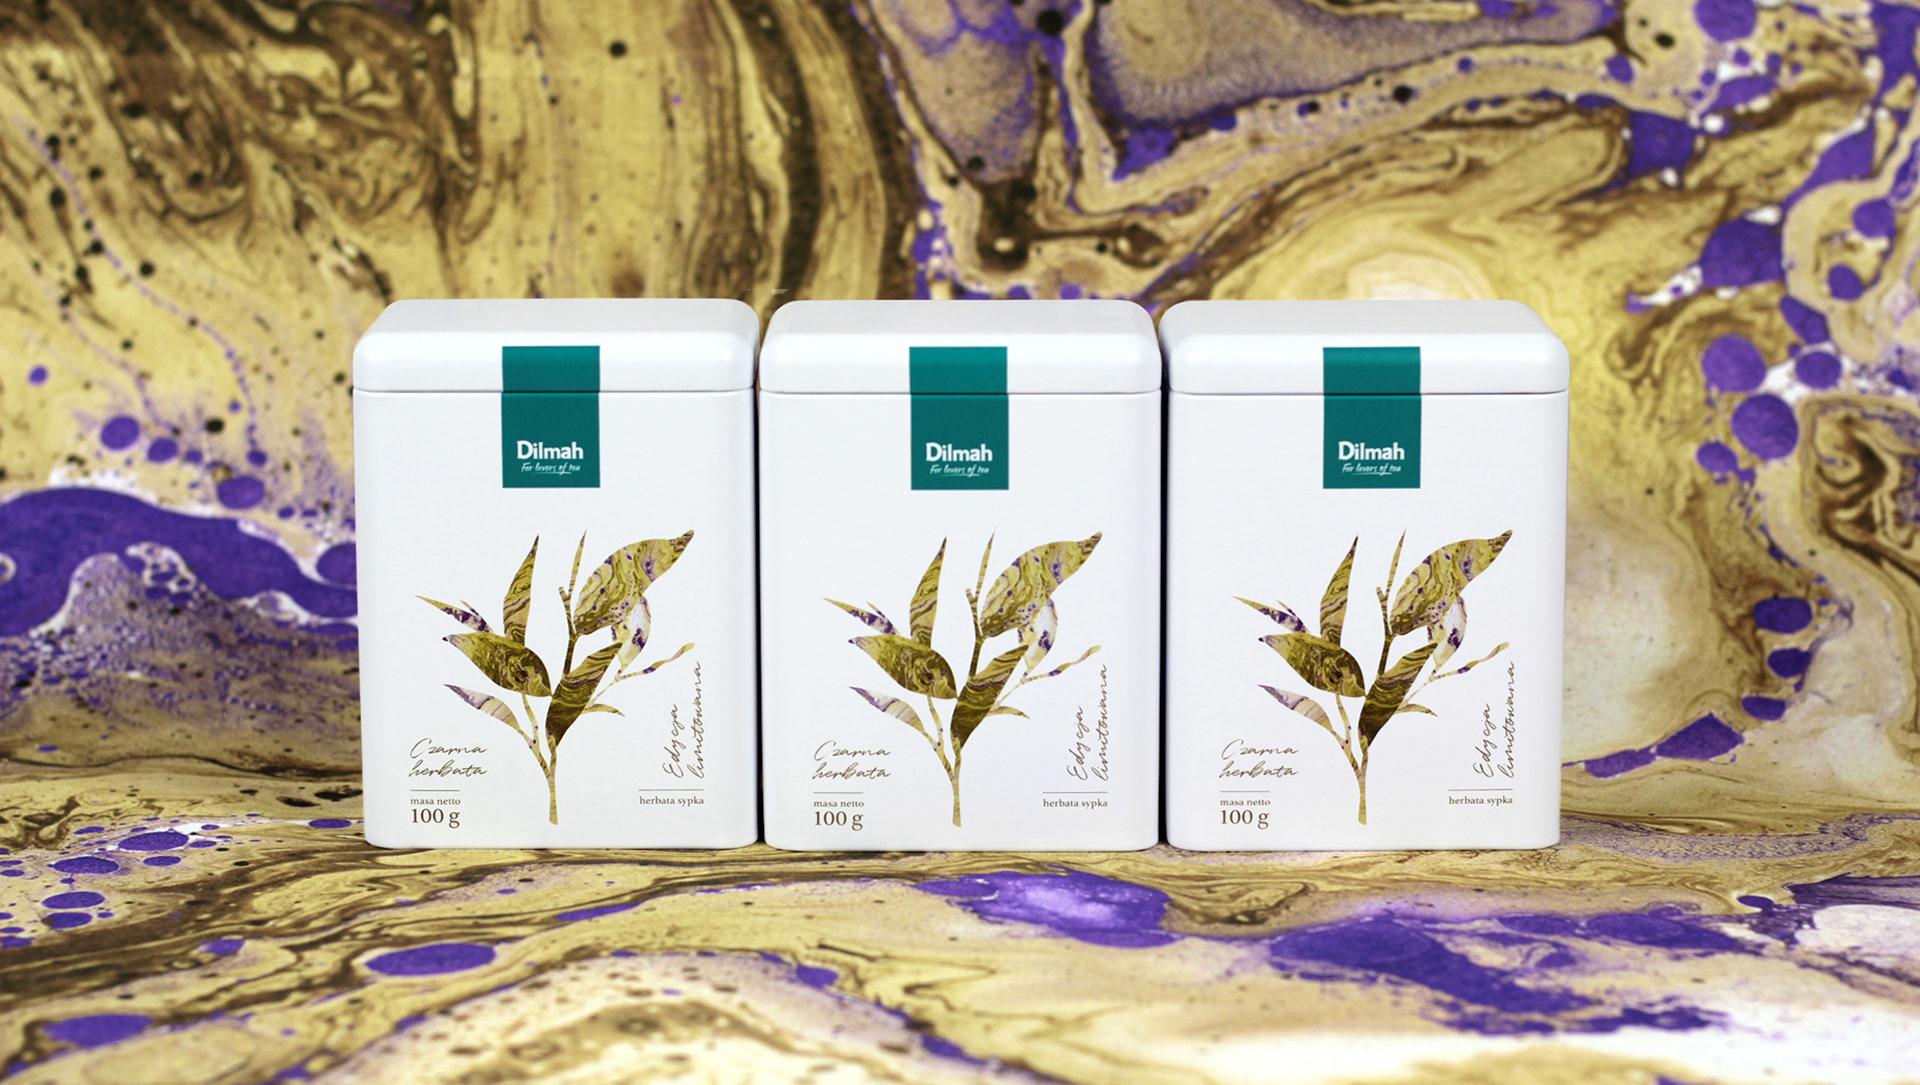 北京包装设计分享| Dilmah茶叶包装设计欣赏